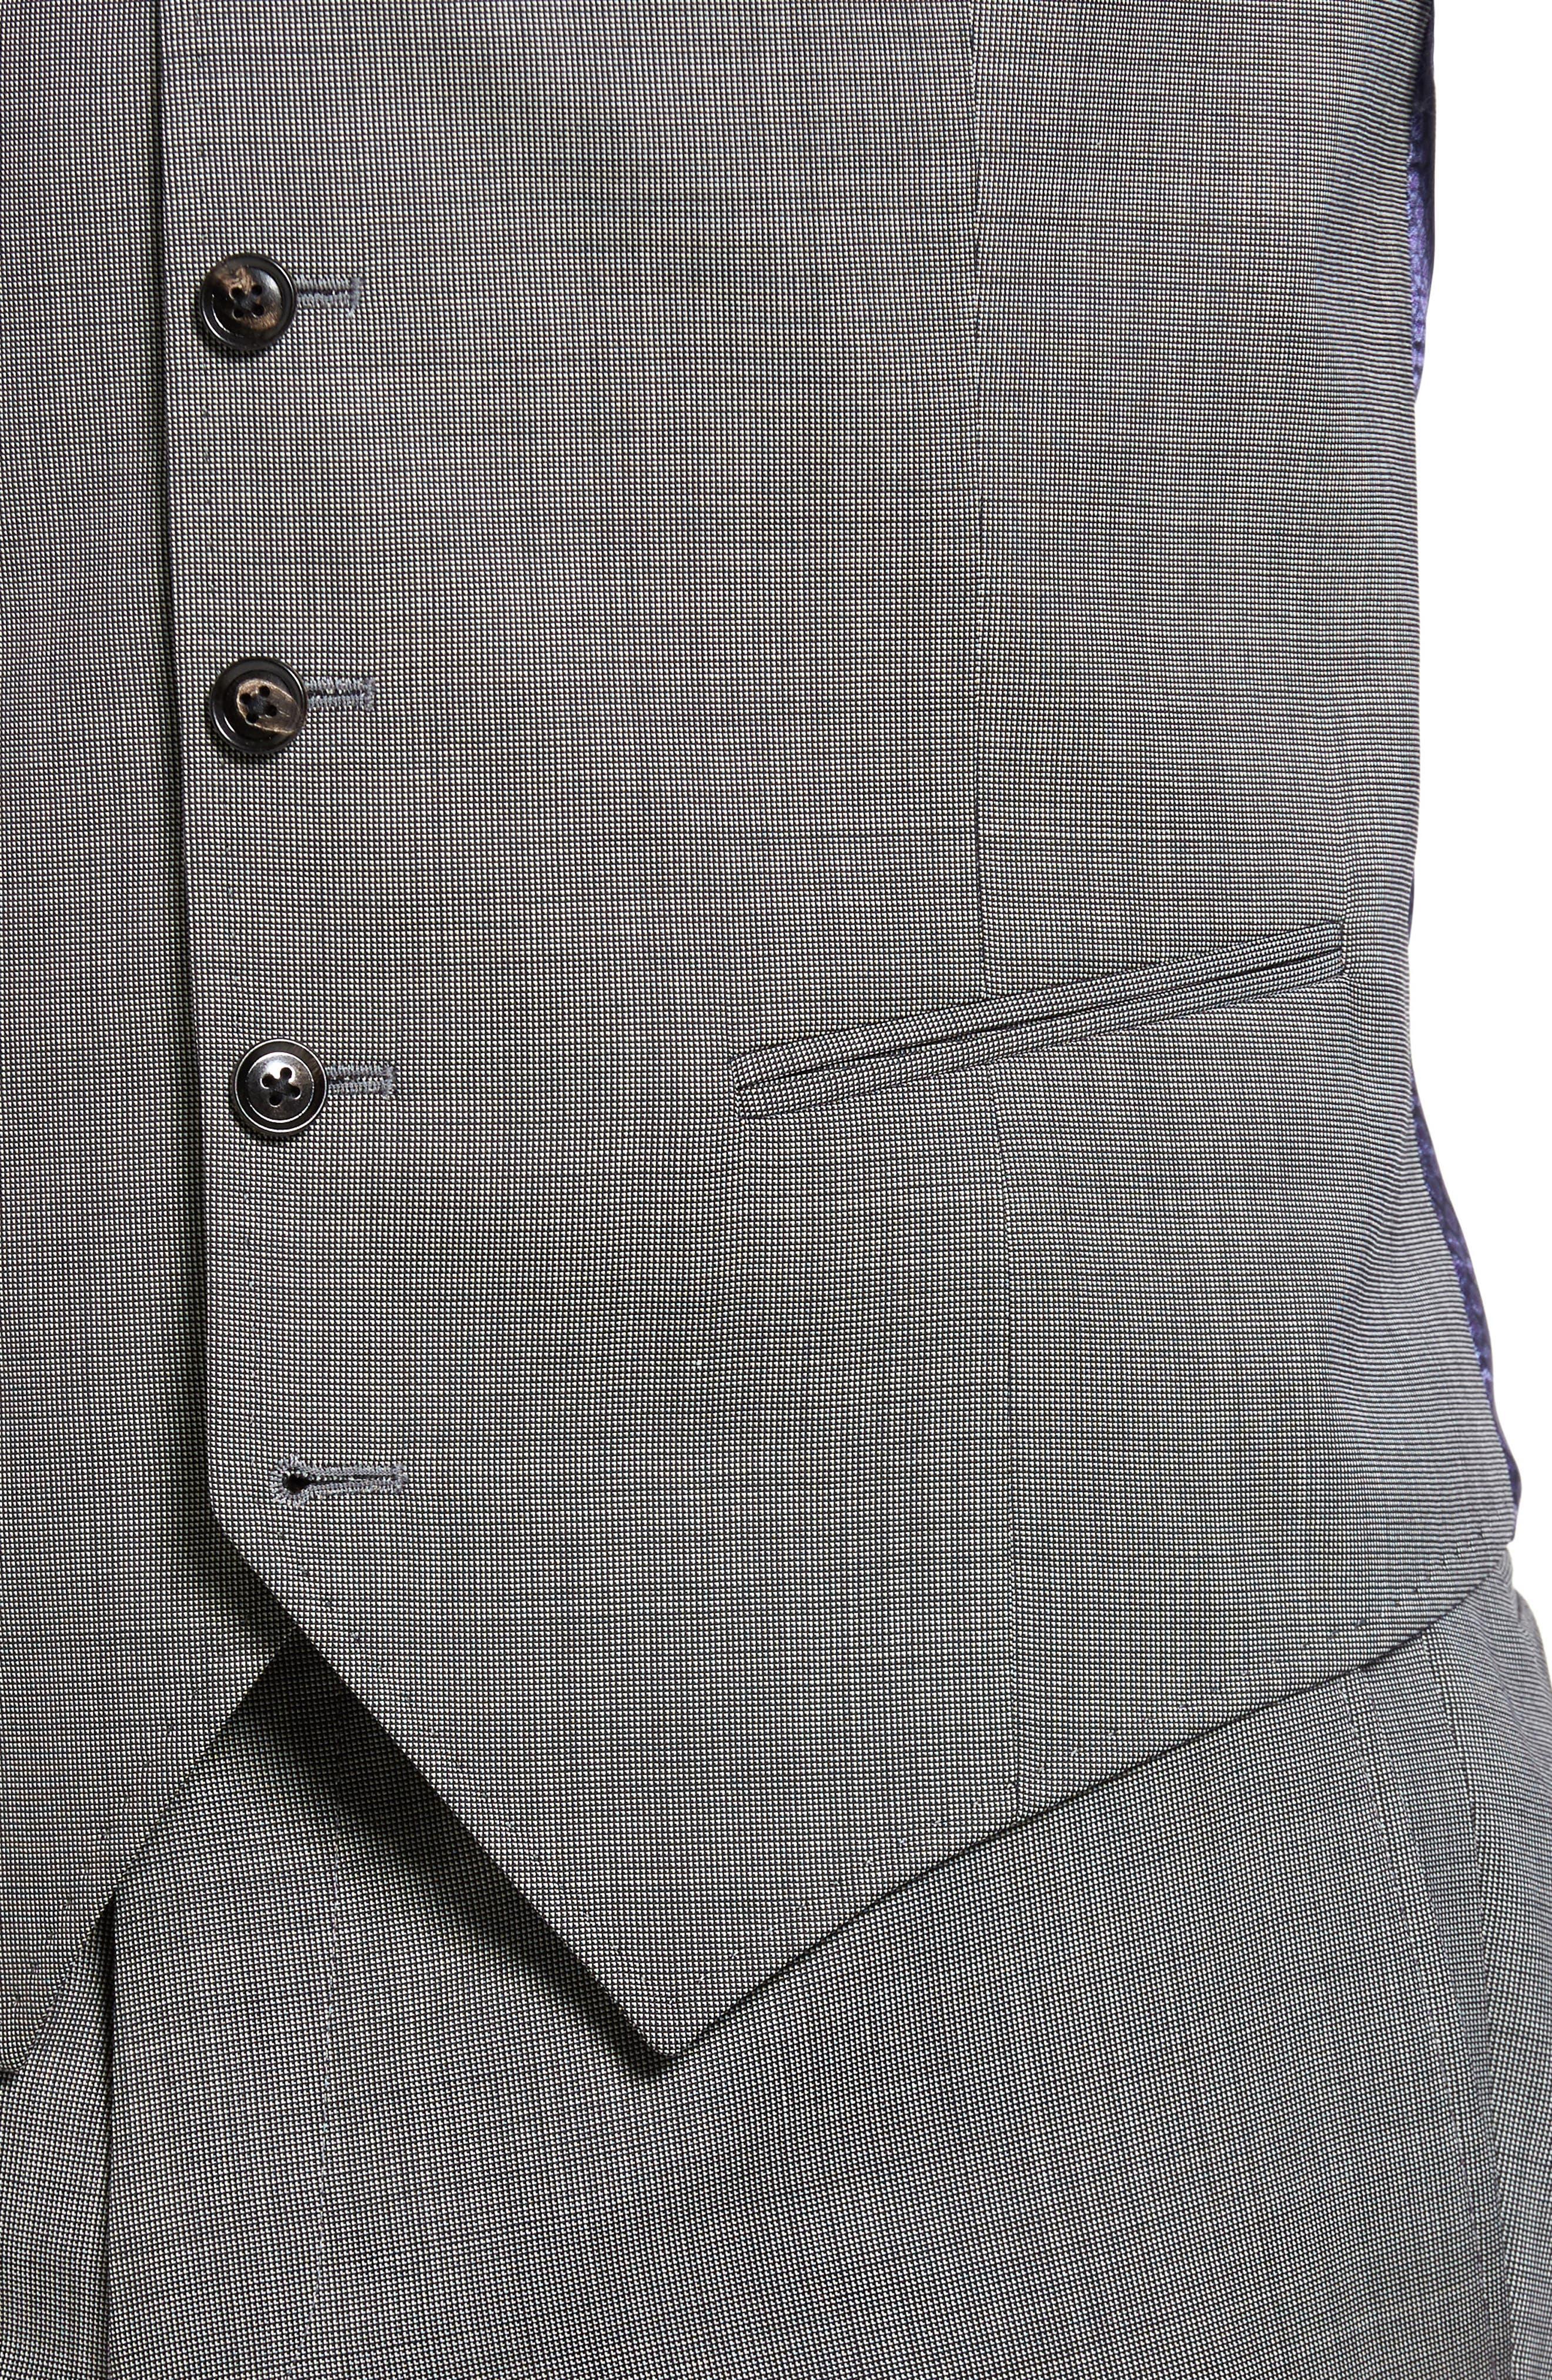 Jones Trim Fit Wool Vest,                             Alternate thumbnail 18, color,